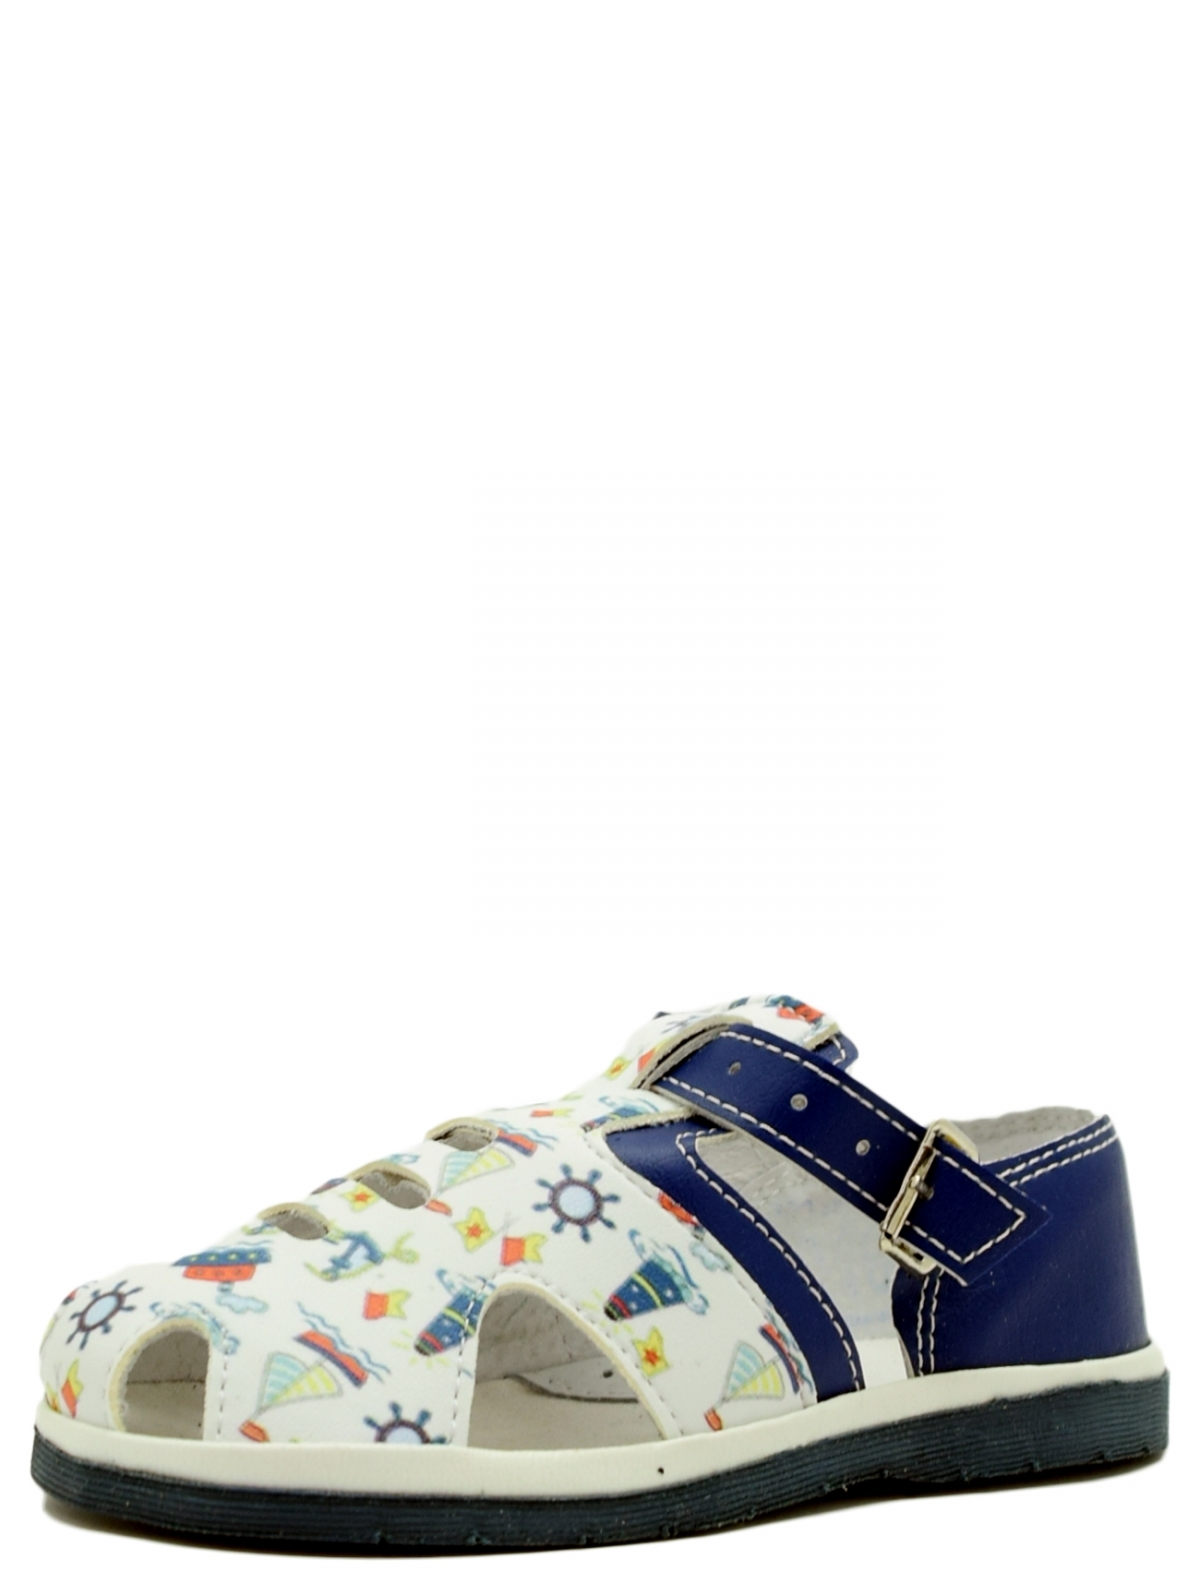 Римал 20018 сандали для мальчика